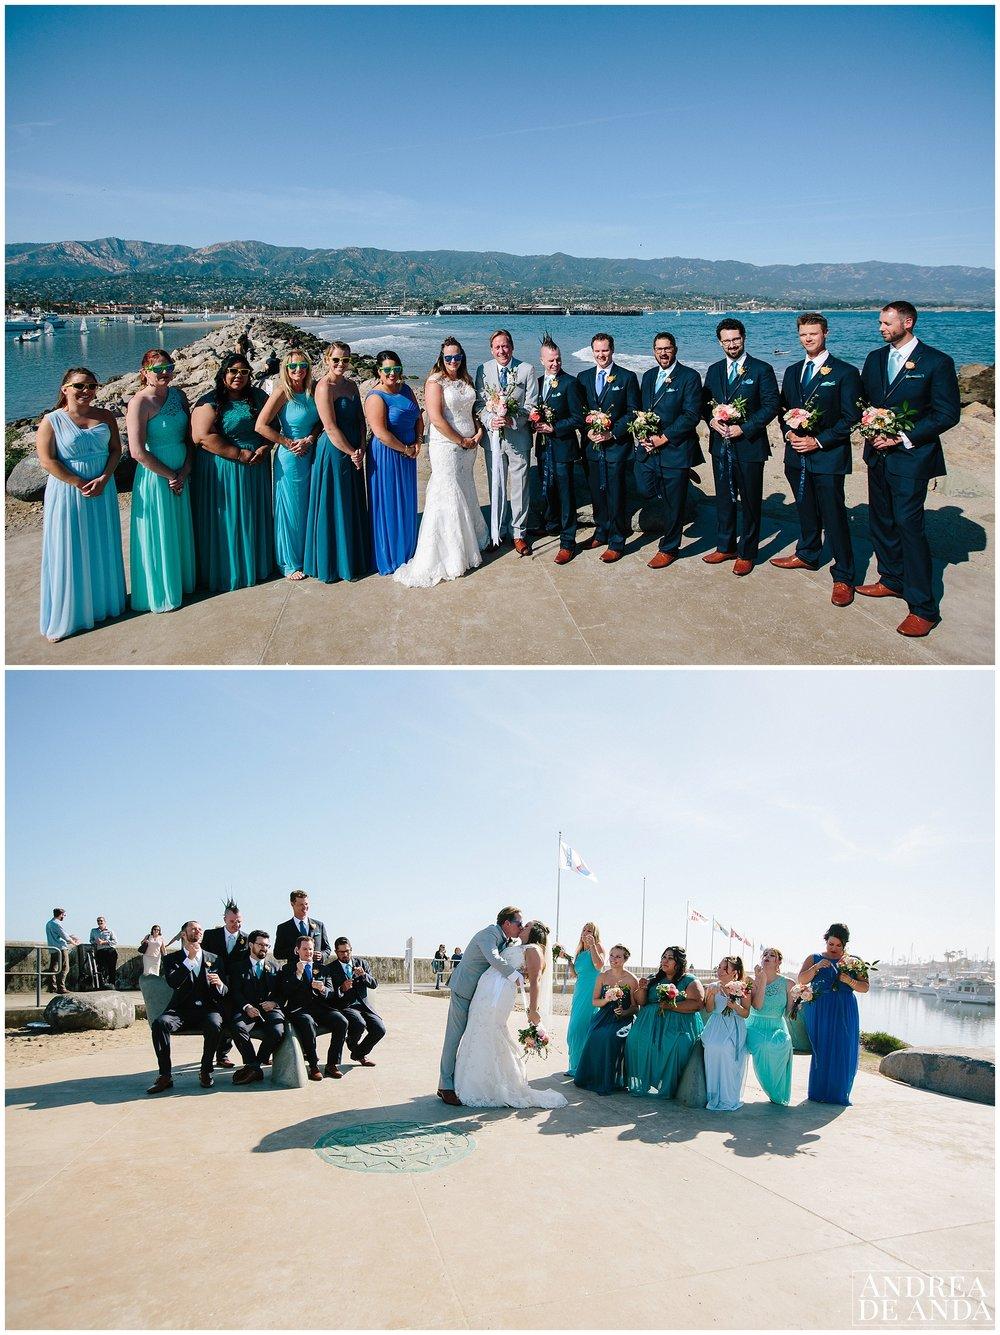 The Breakwater Santa Barbara_Andrea de Anda Photography__0020.jpg